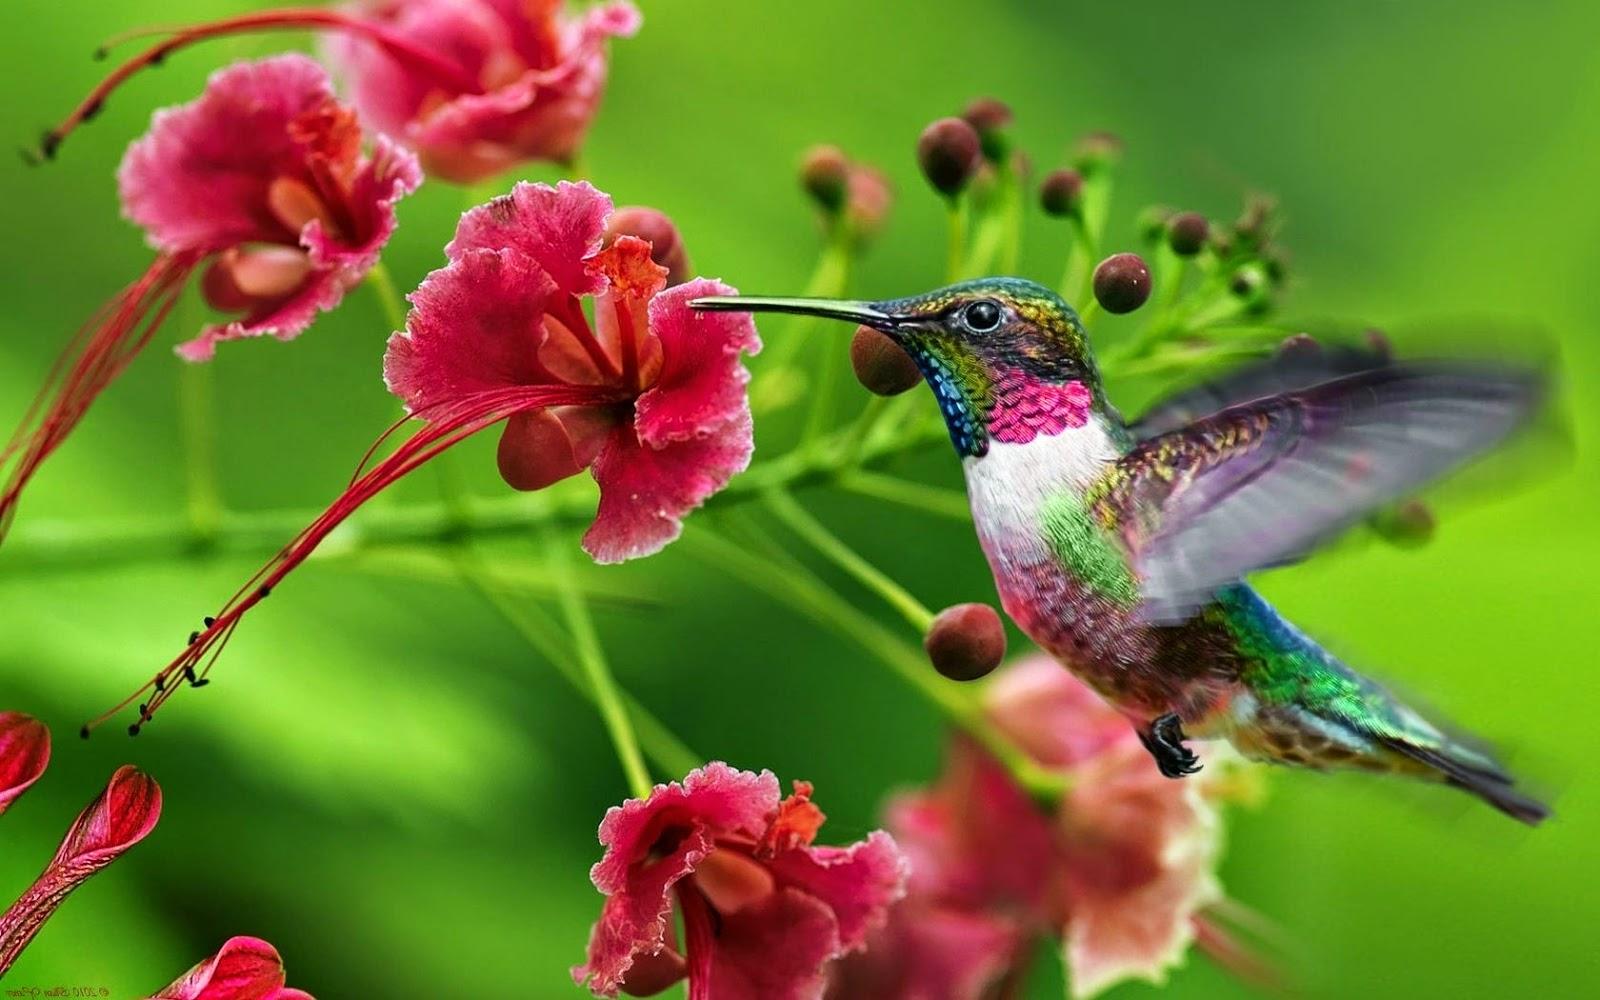 Quelques petites choses au sujet du colibri records anatomie et volution sweet random science - Oiseau mouche dessin ...